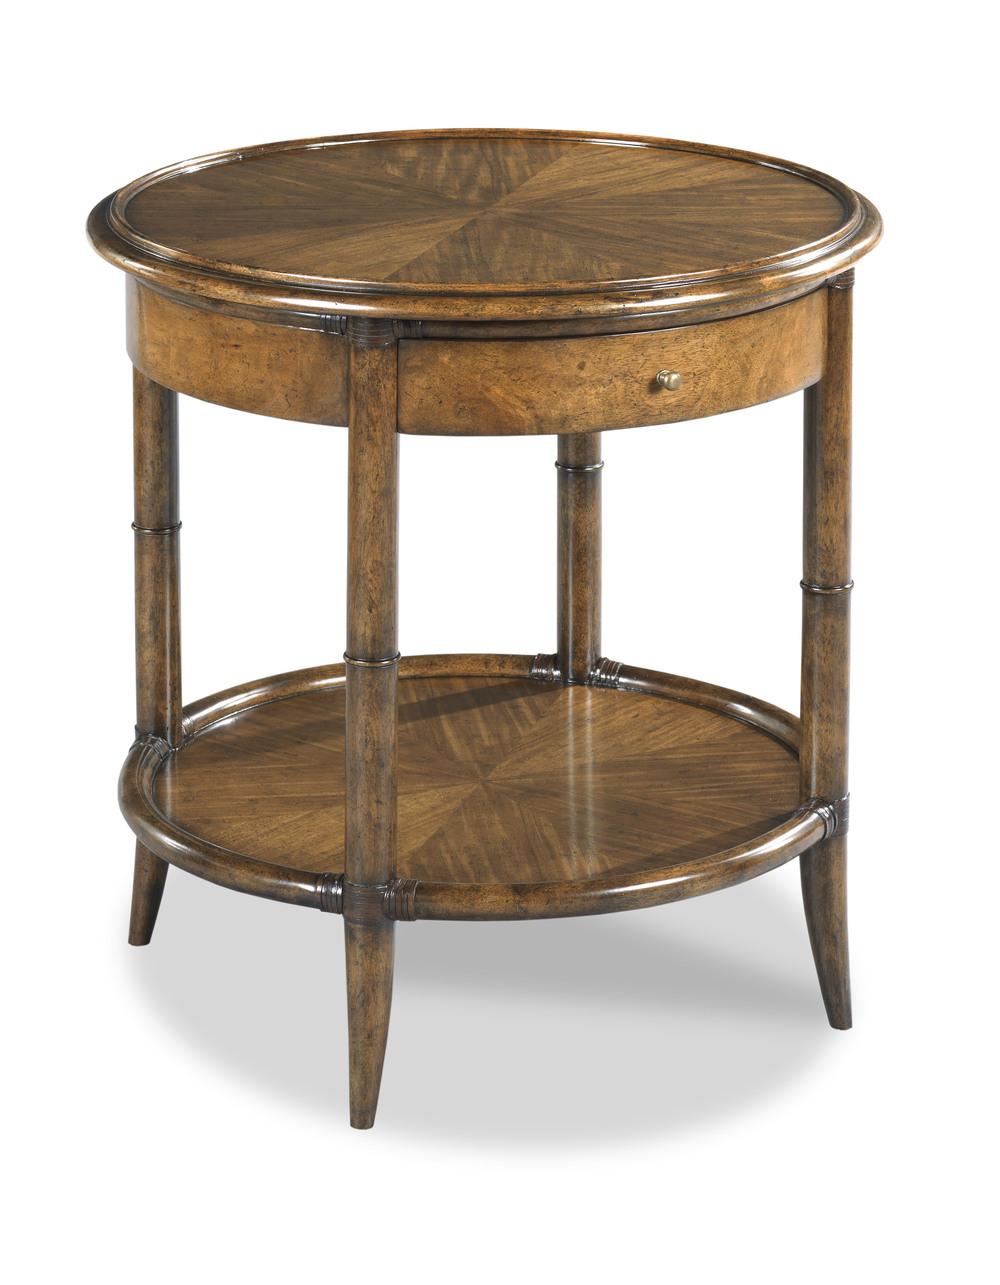 Woodbridge Furniture Company - Linwood Side Table